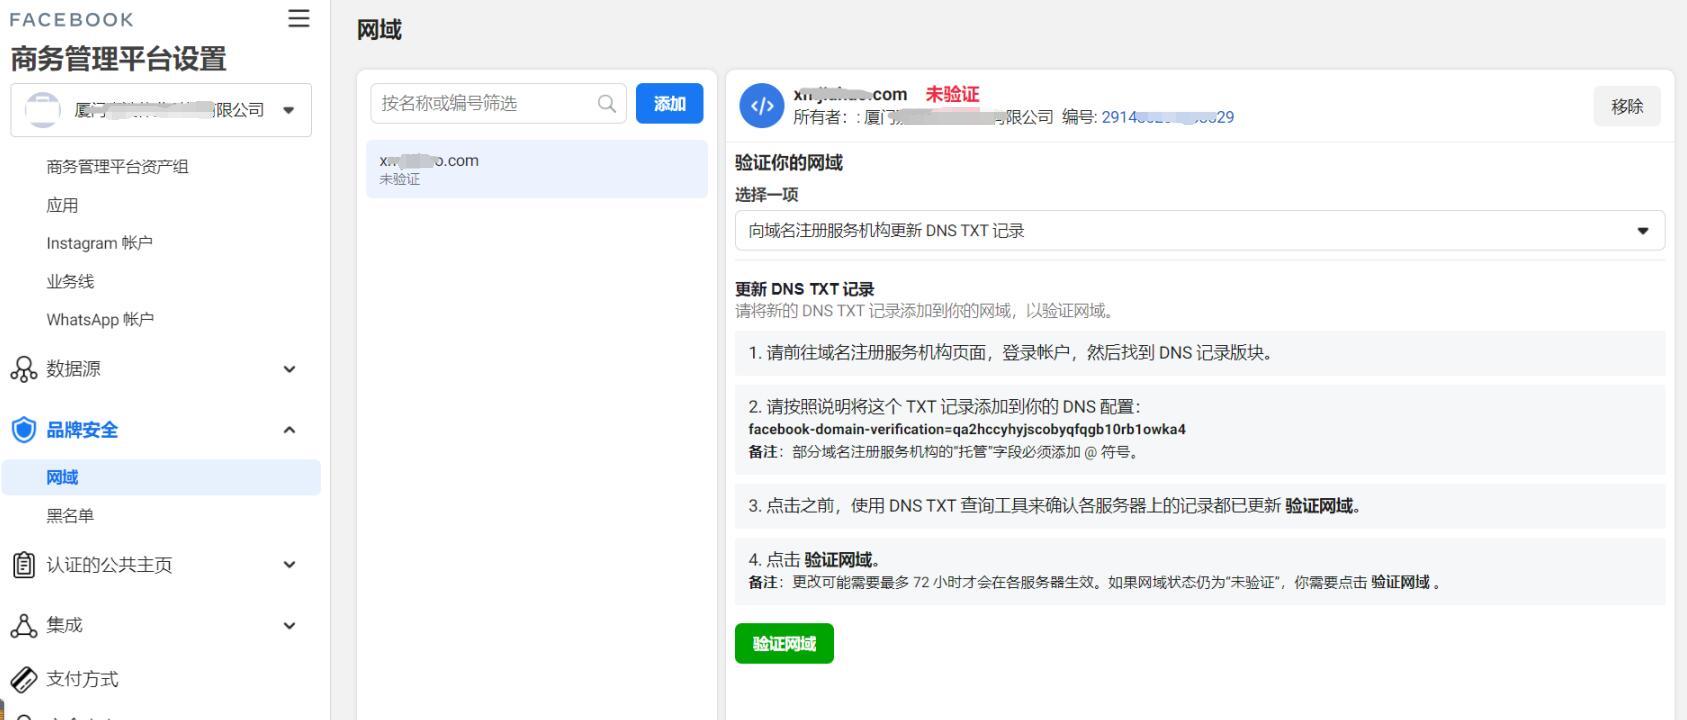 facebook网域验证方法插图4